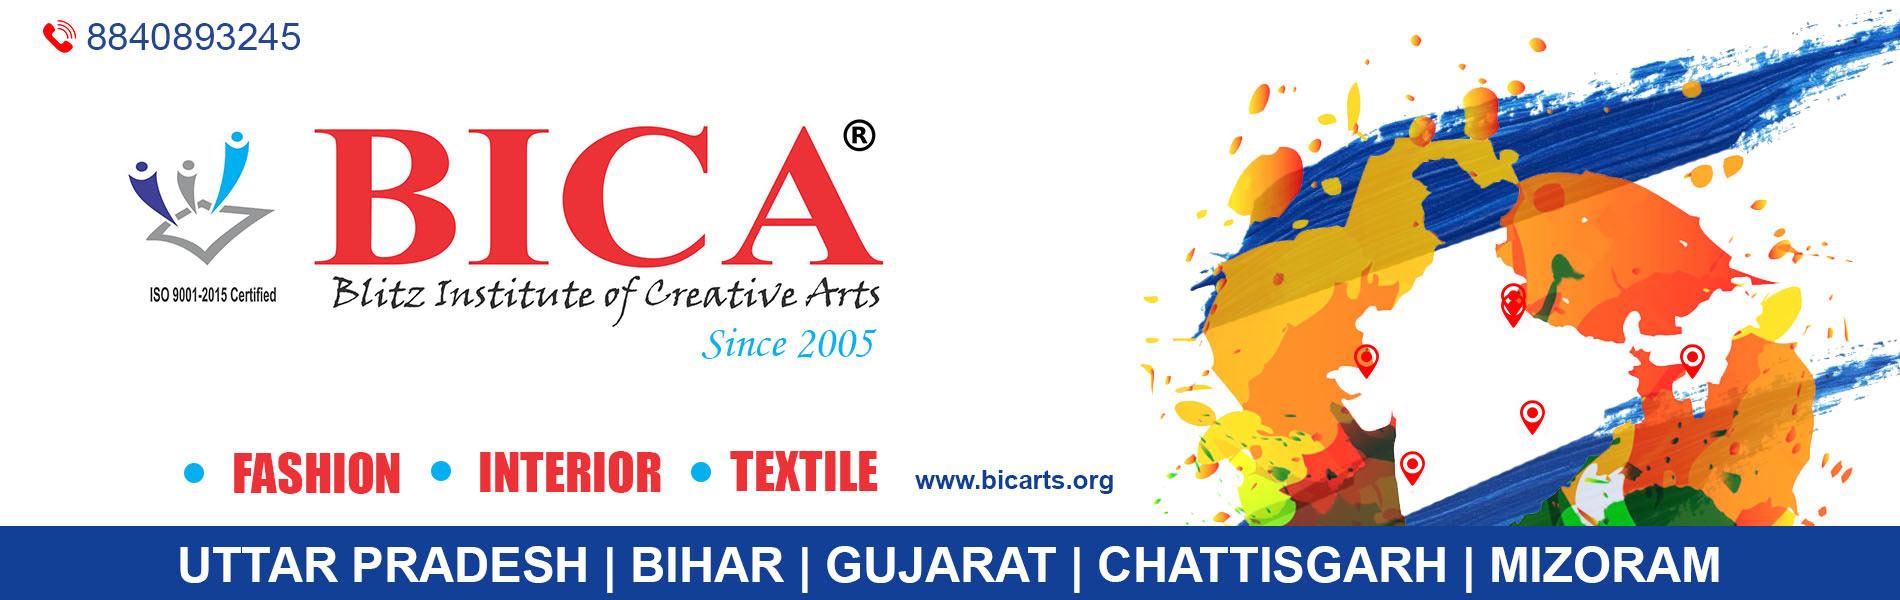 BICA-Blitz Institute of Creative Arts